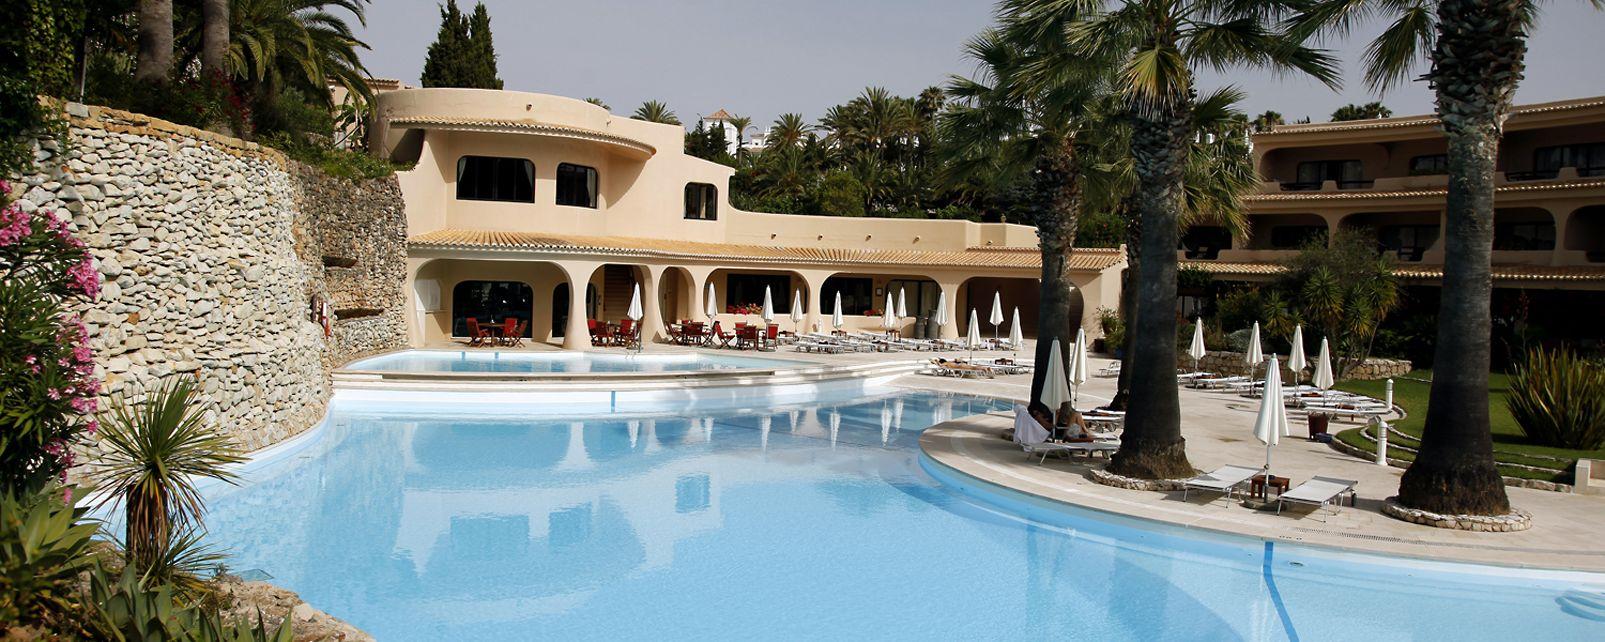 Hotel Sofitel Vilalara Thalasso